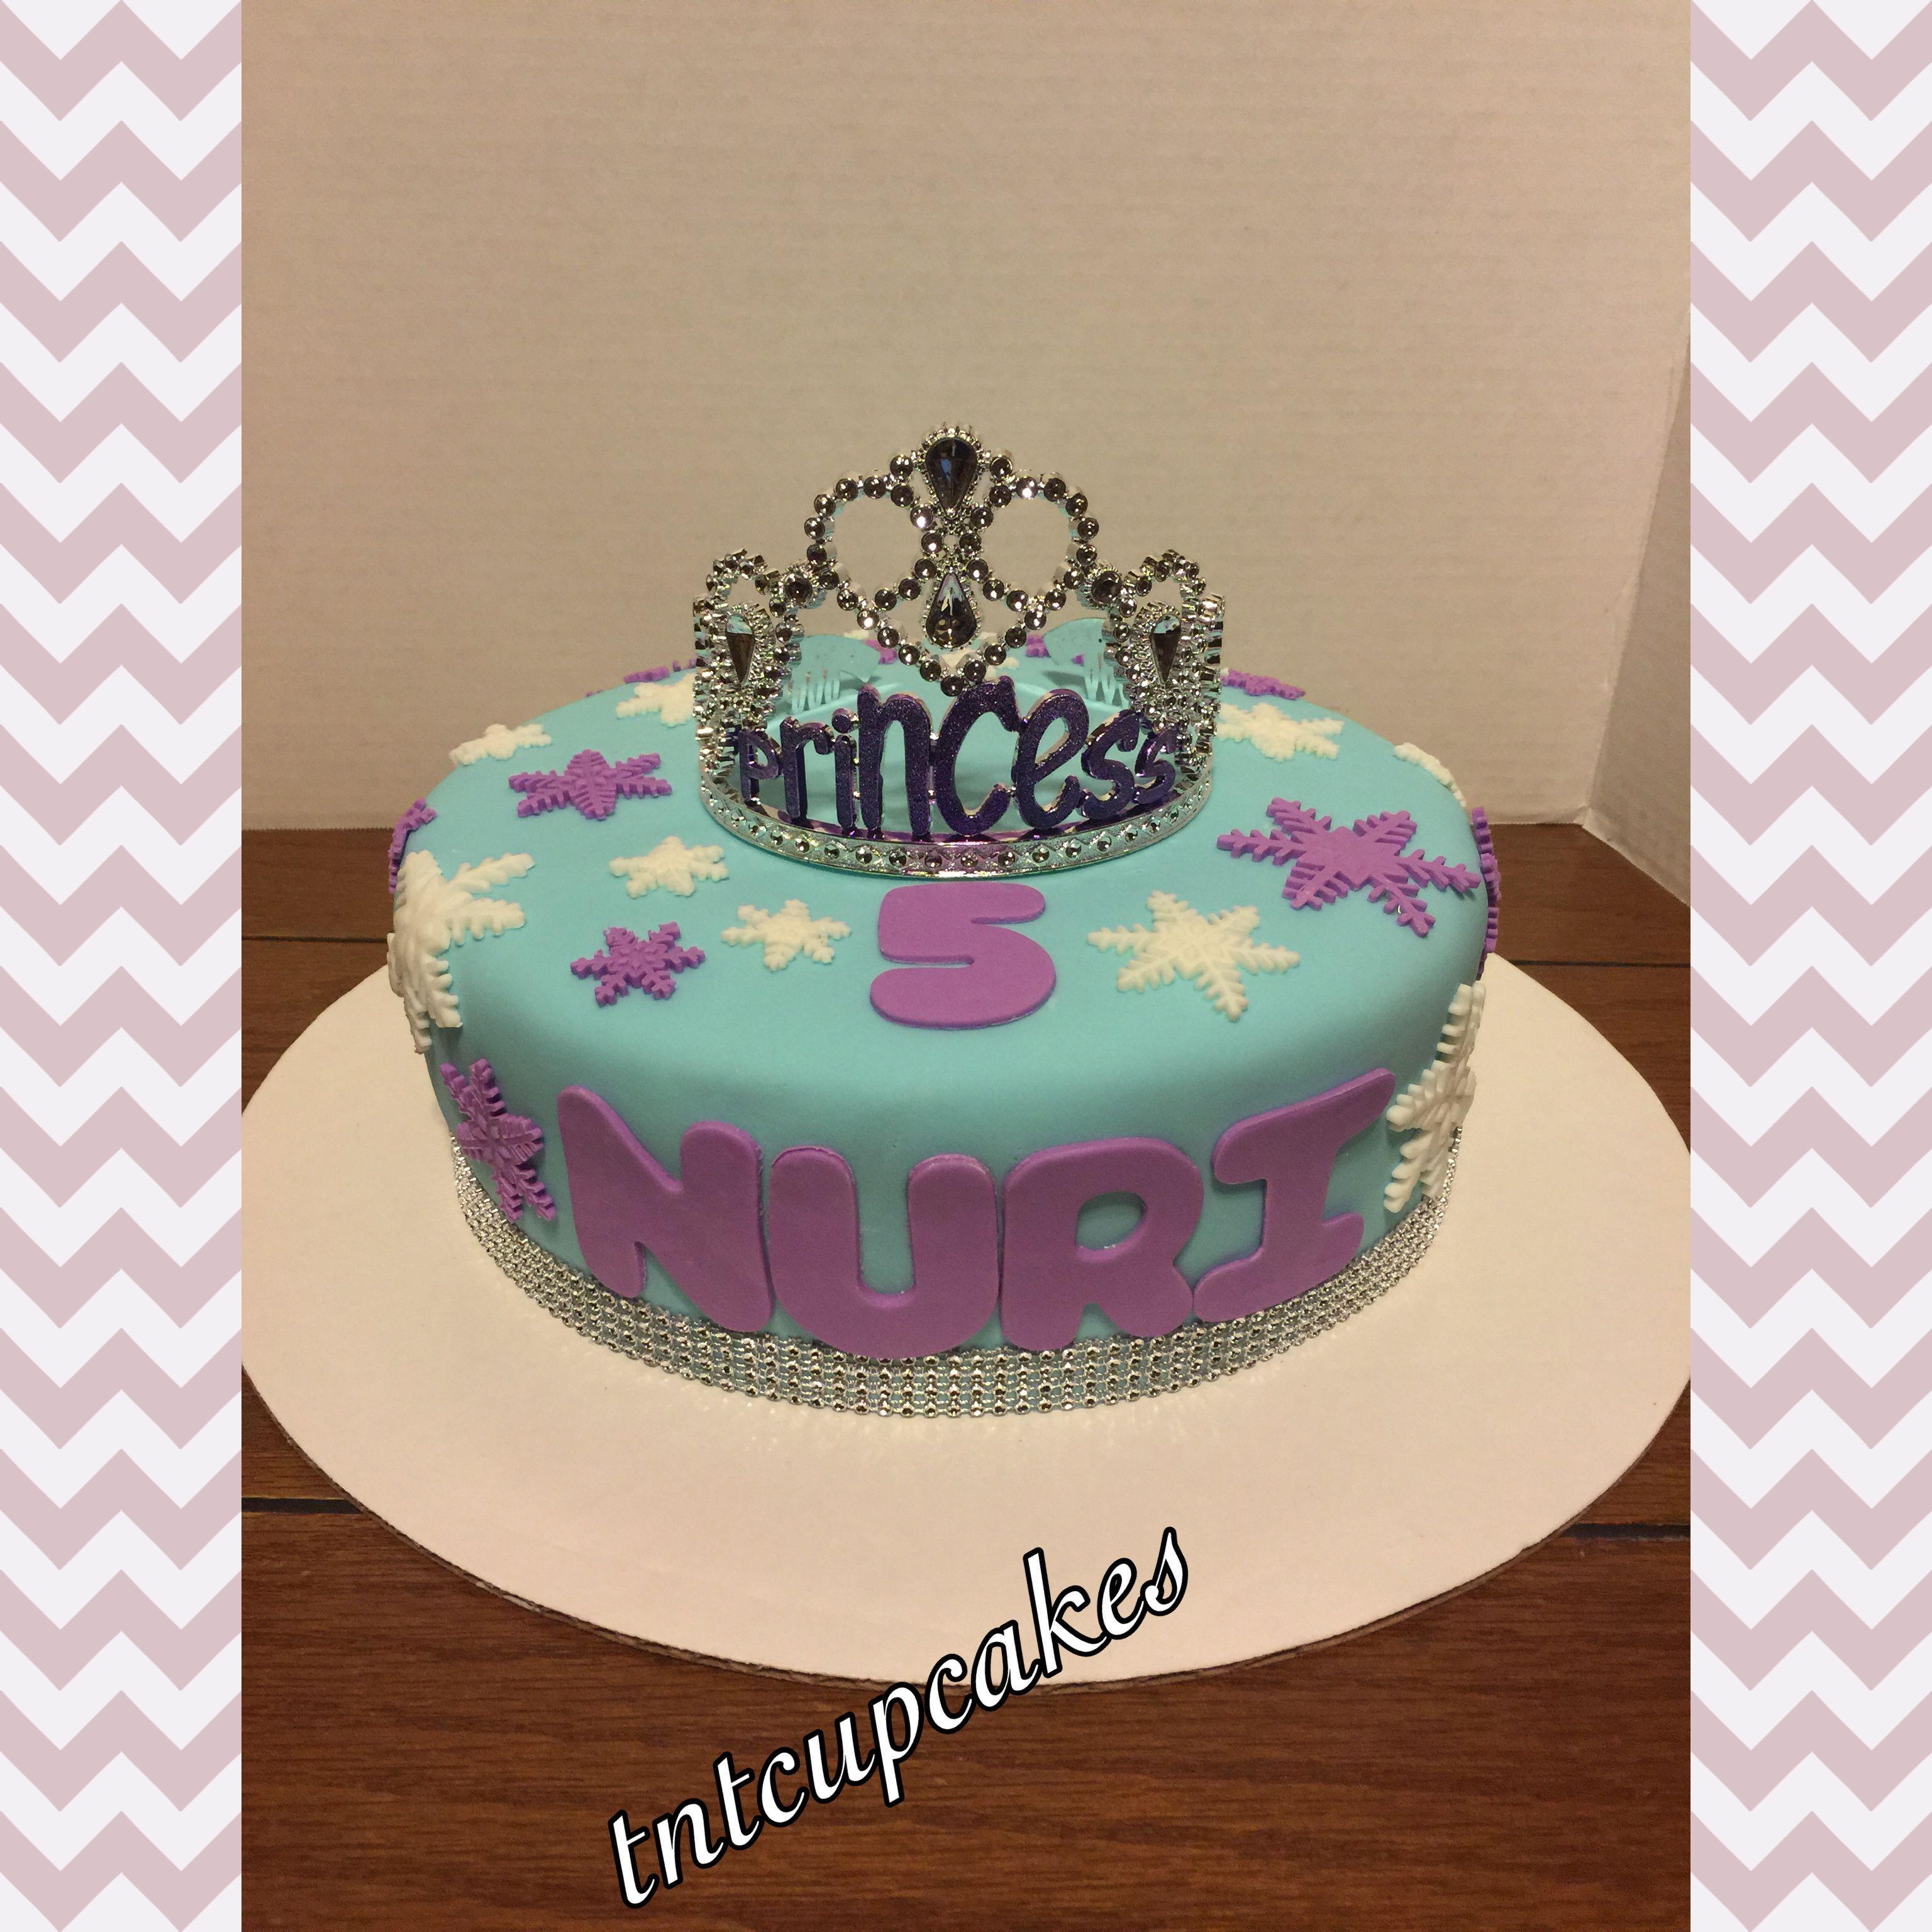 Frozen inspired cake desserts cake frozen inspired